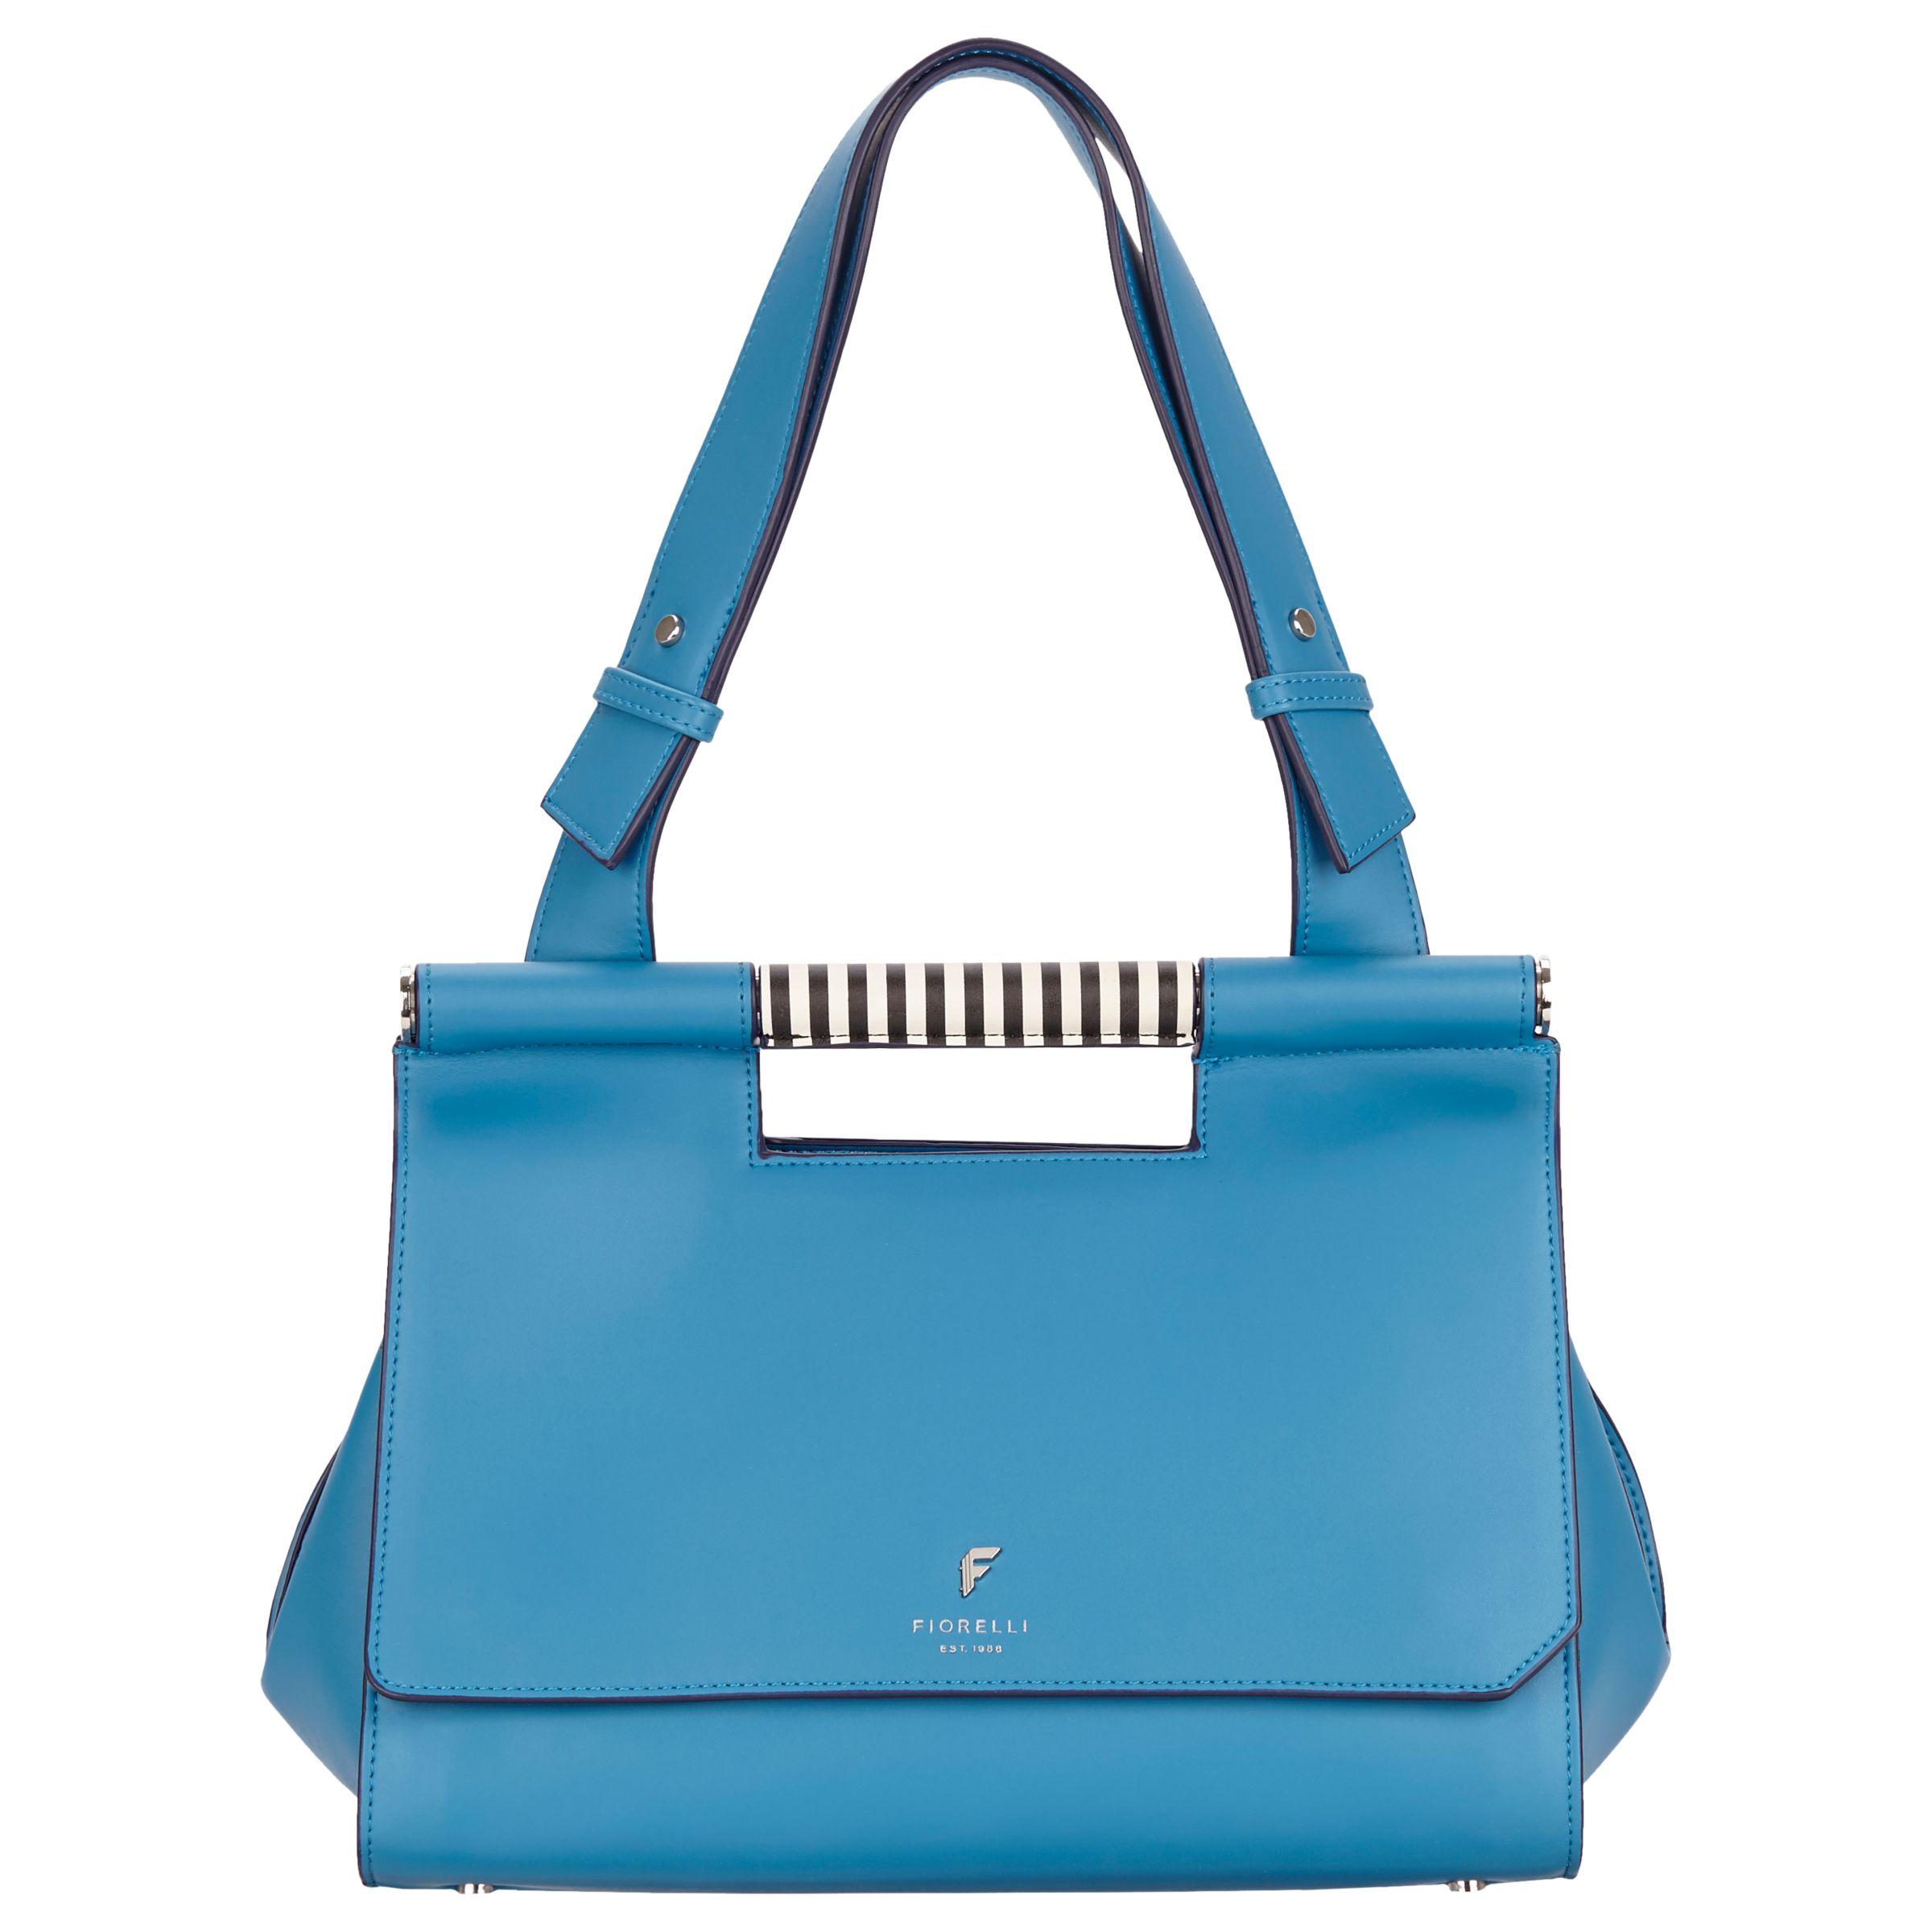 Fiorelli Fiorelli Austin Satchel Bag